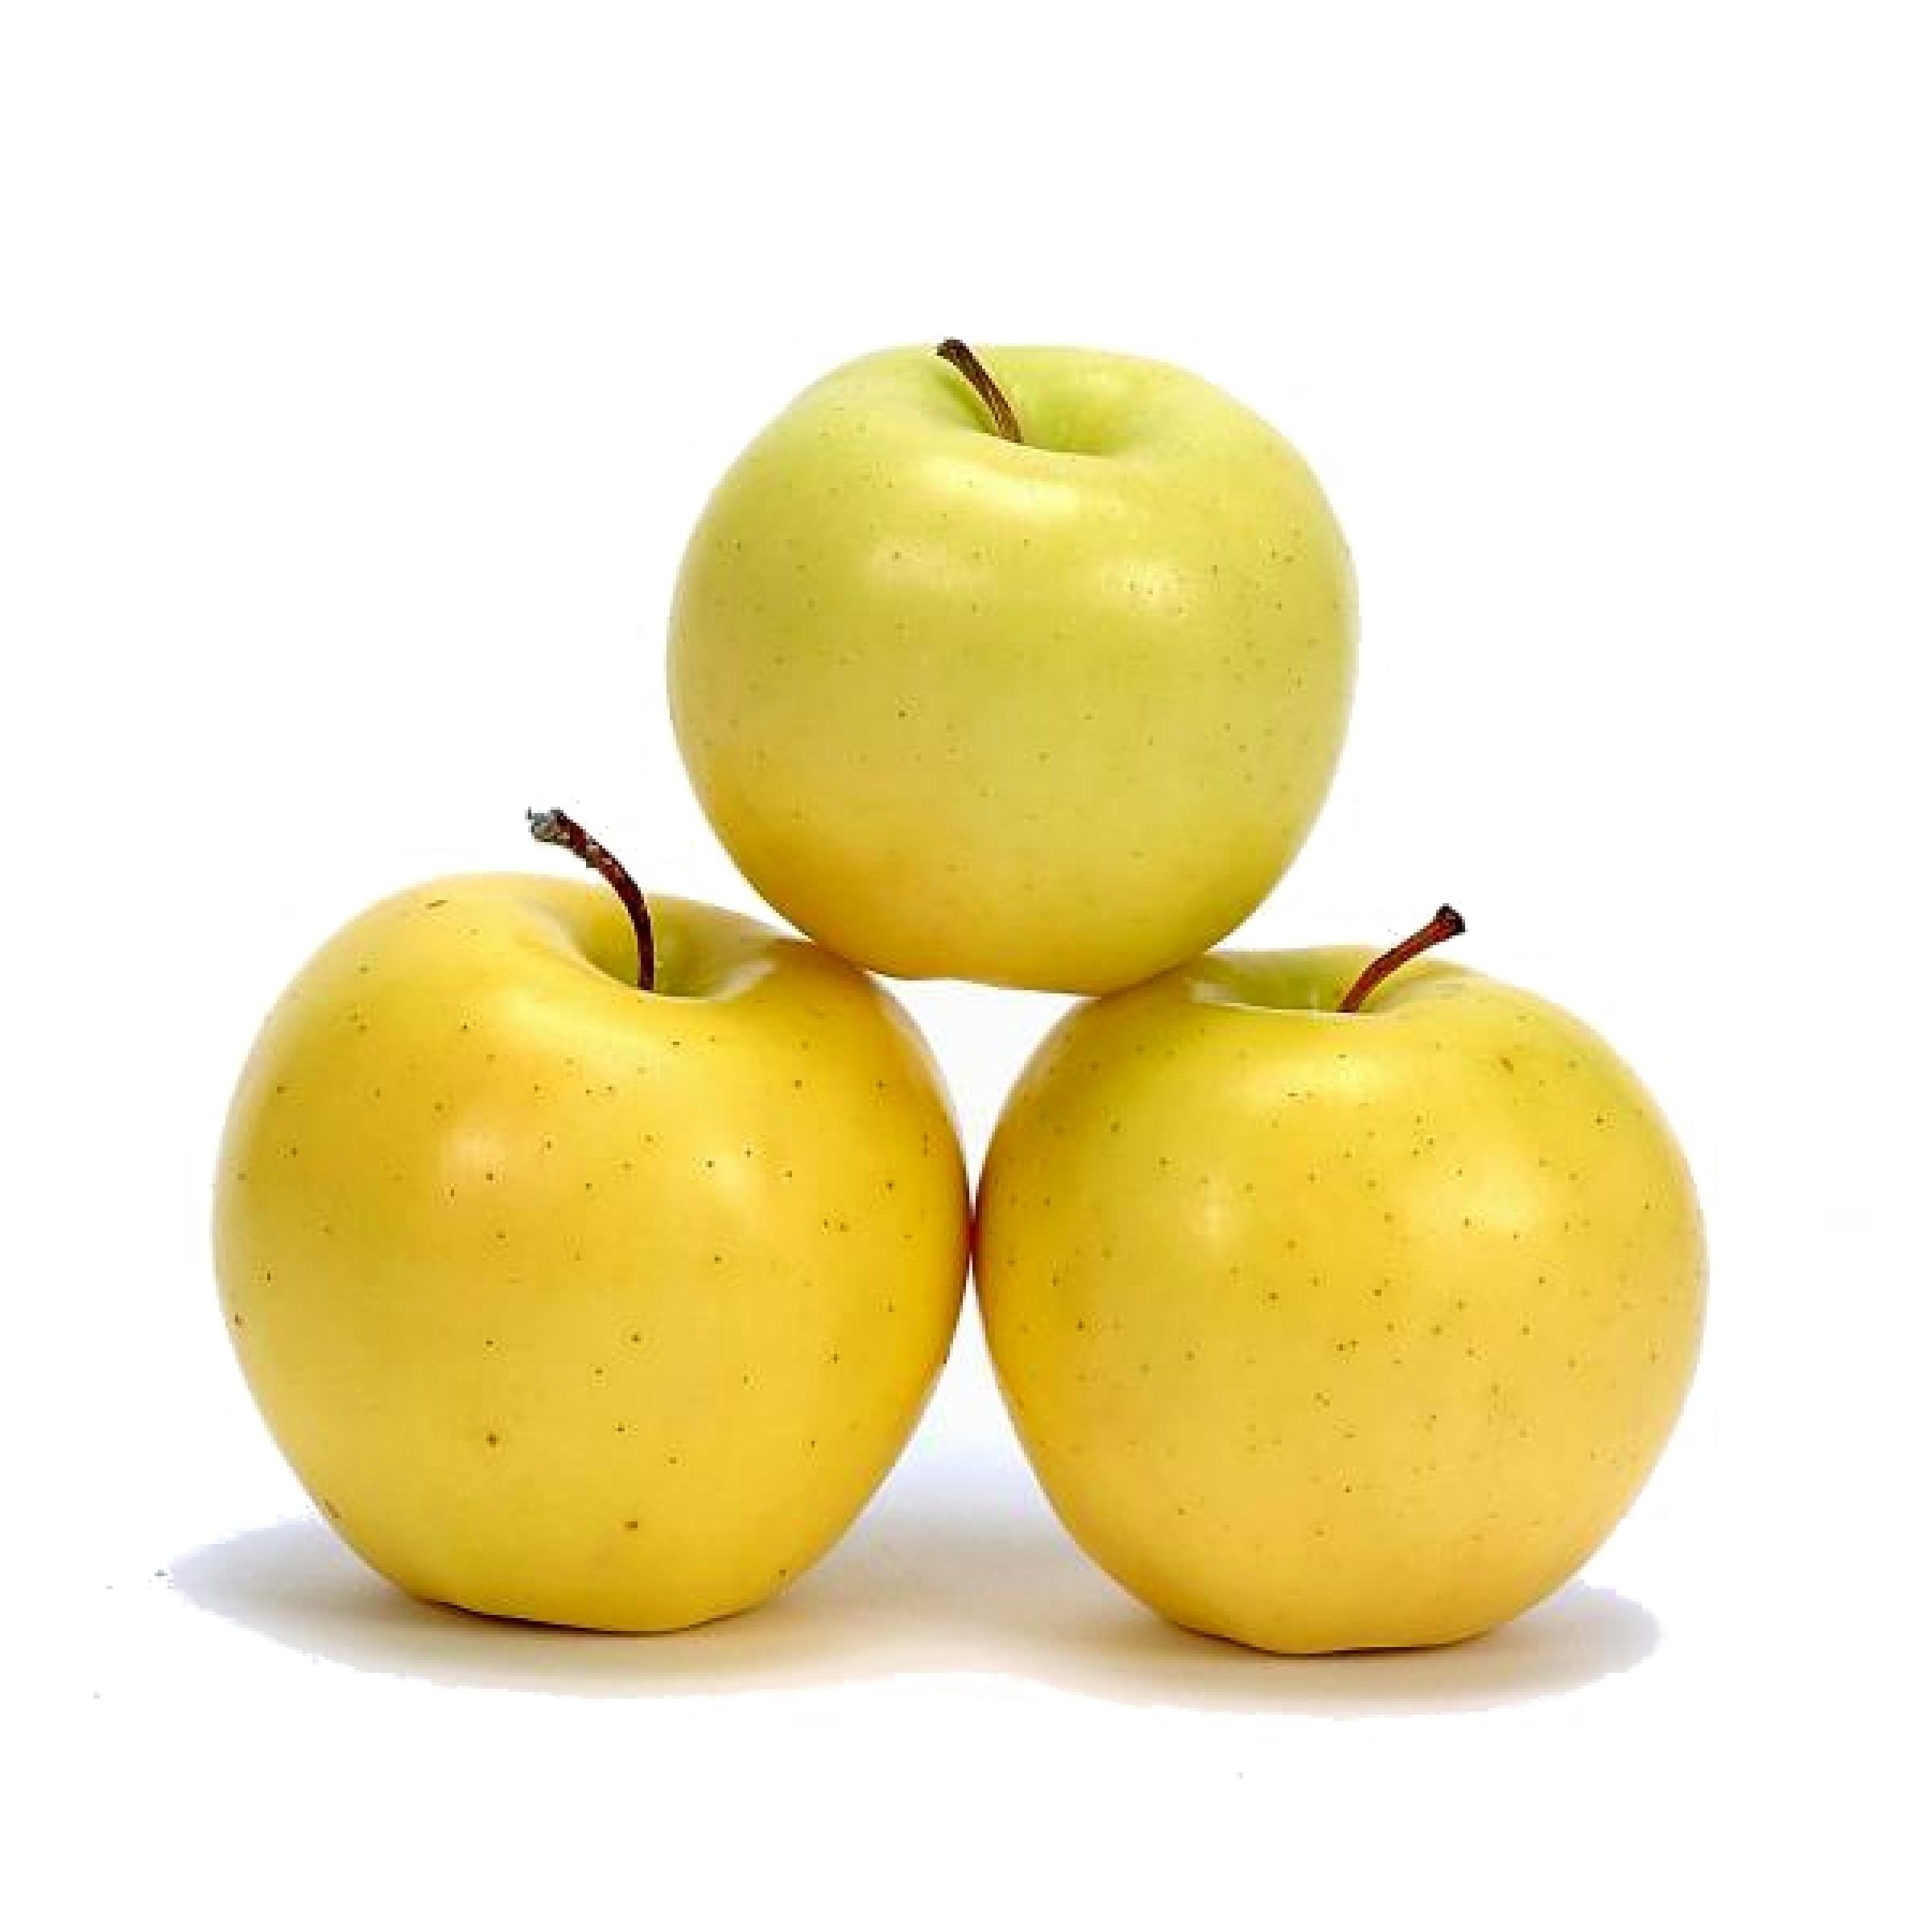 Яблоки свежие весовые Голден (желтые), средний вес 1, 2 кг